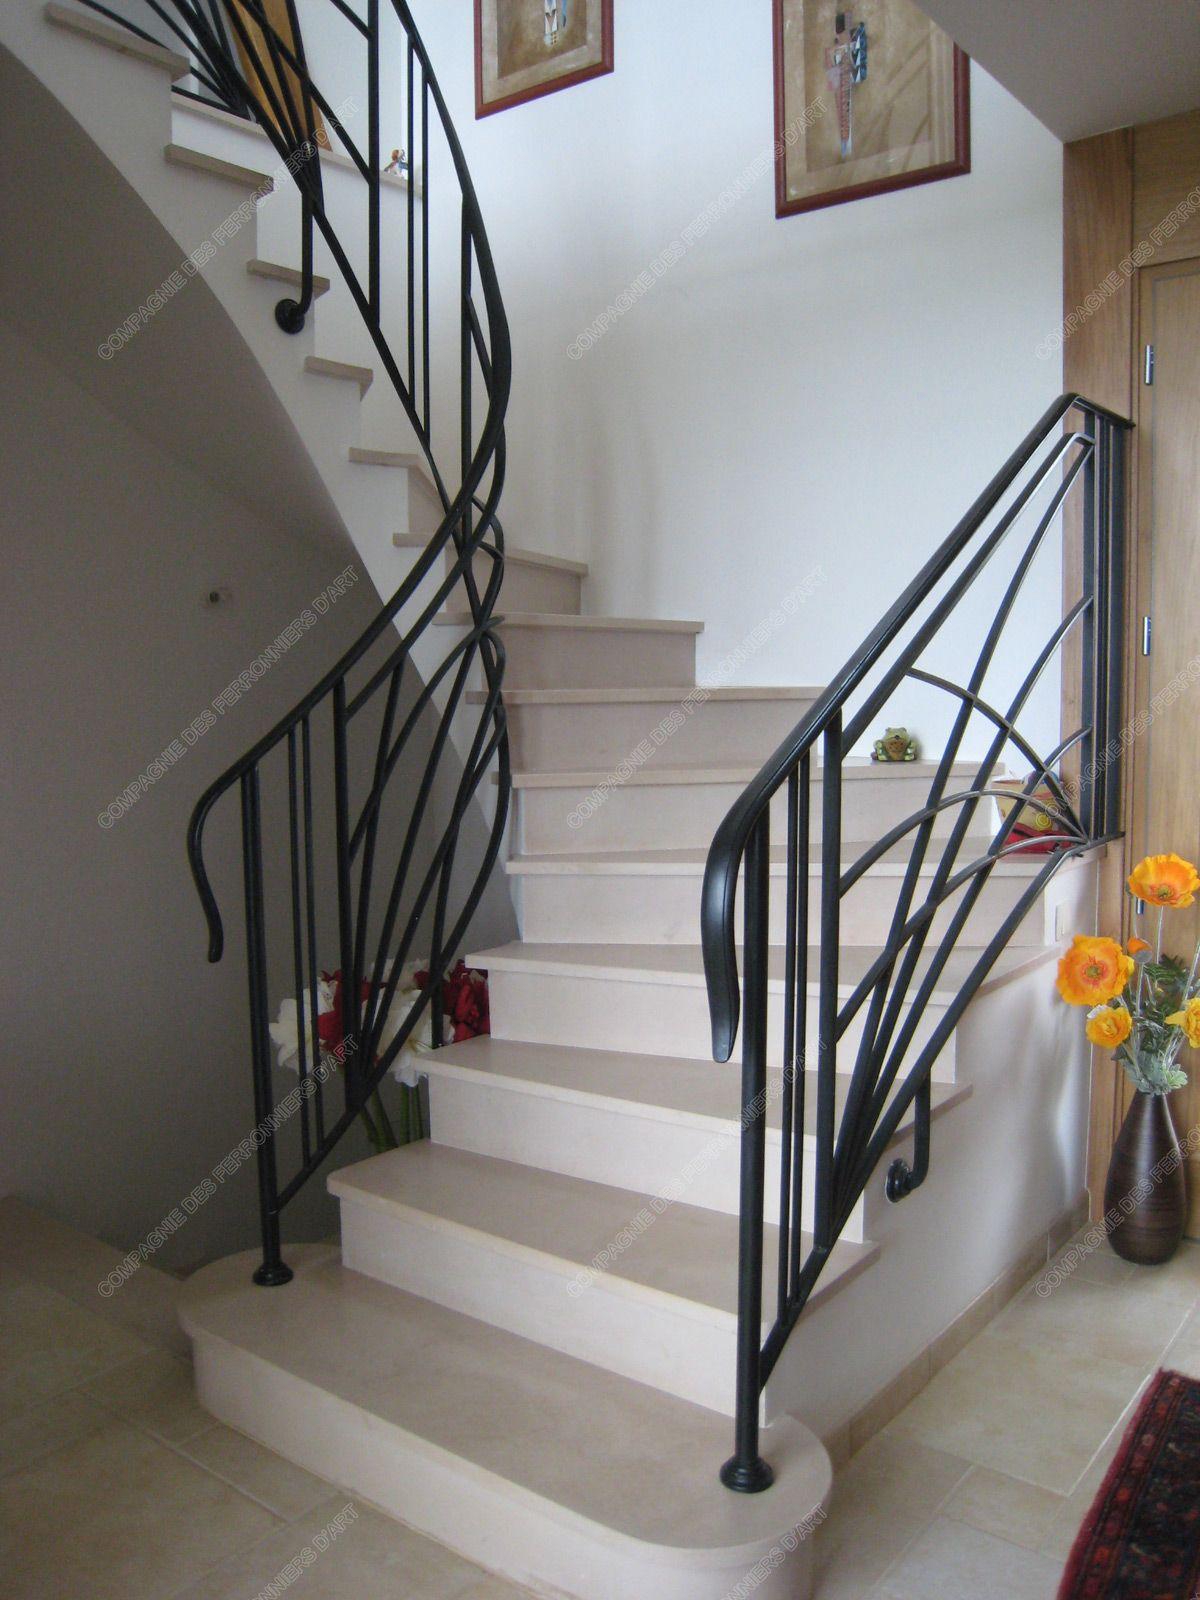 Modele D Escalier D Intérieur rampes d'escalier en fer forgé art décoratif : modèle soleil